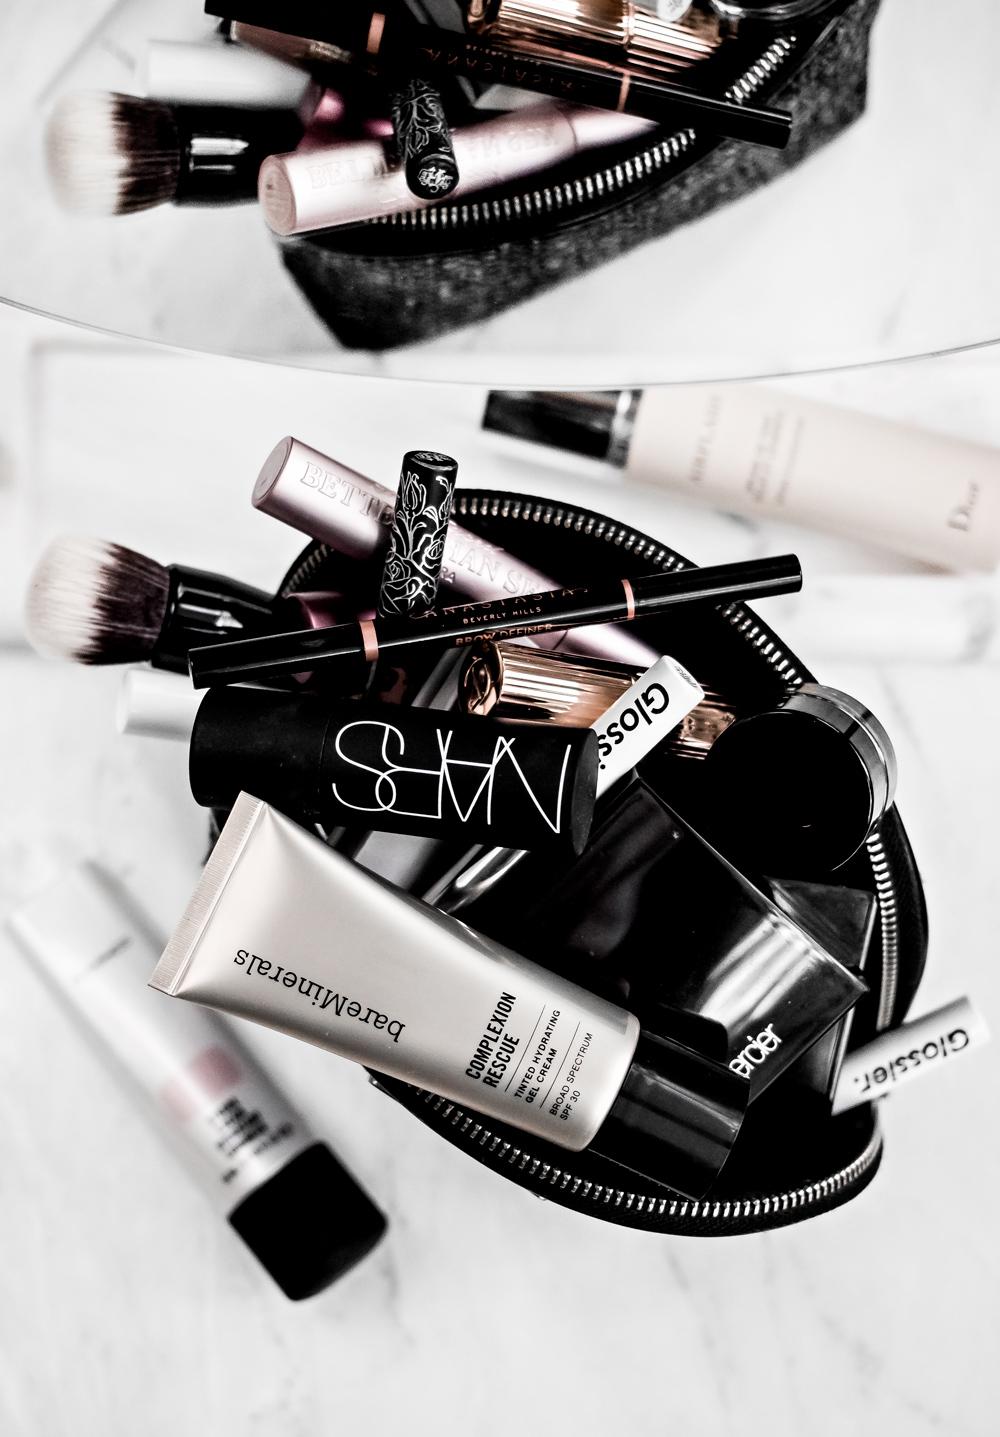 Makeup-Bag-May